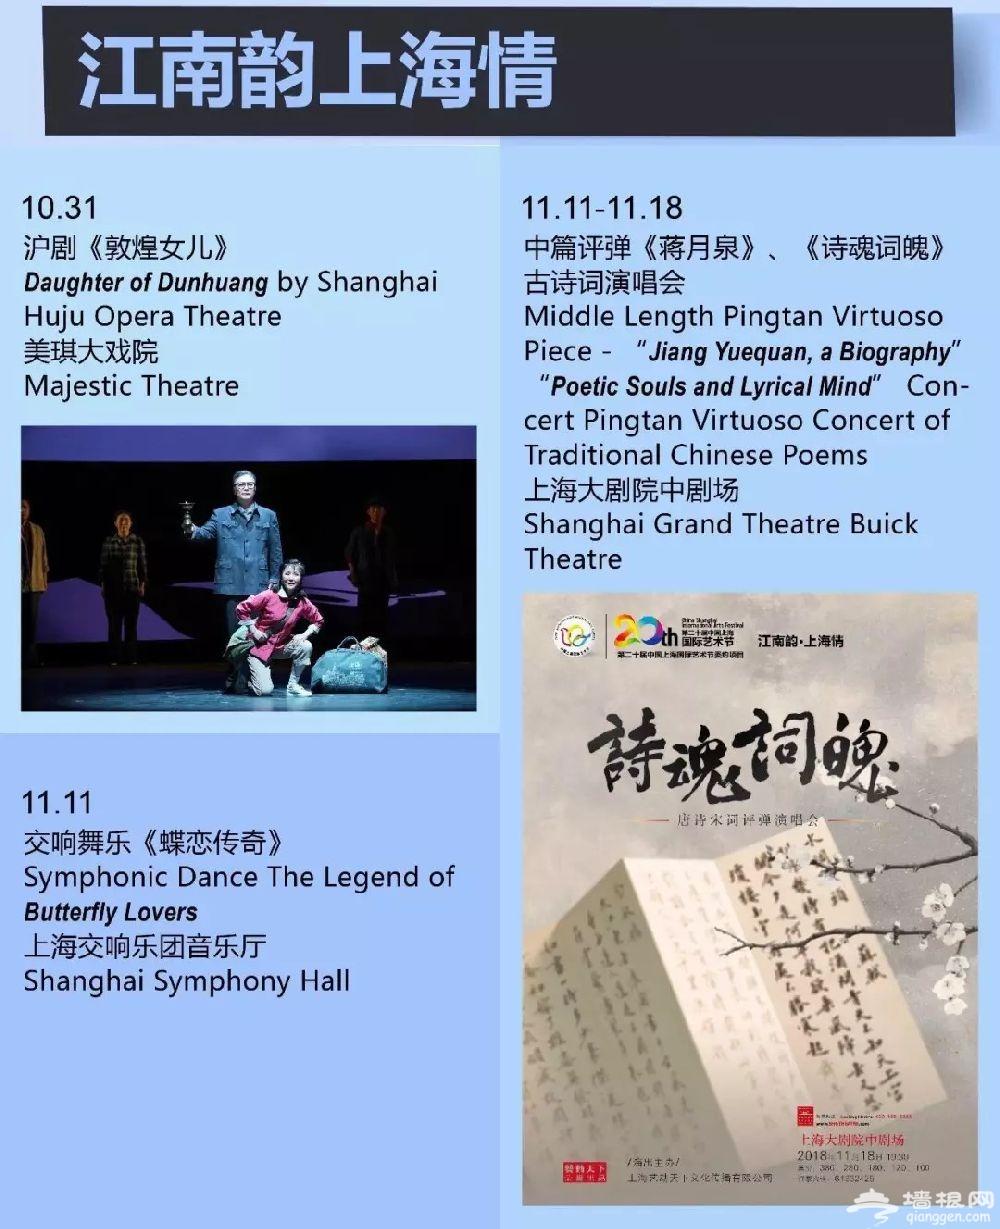 2018上海国际艺术节优惠票发售网点公布 这些地方可以抢票[墙根网]